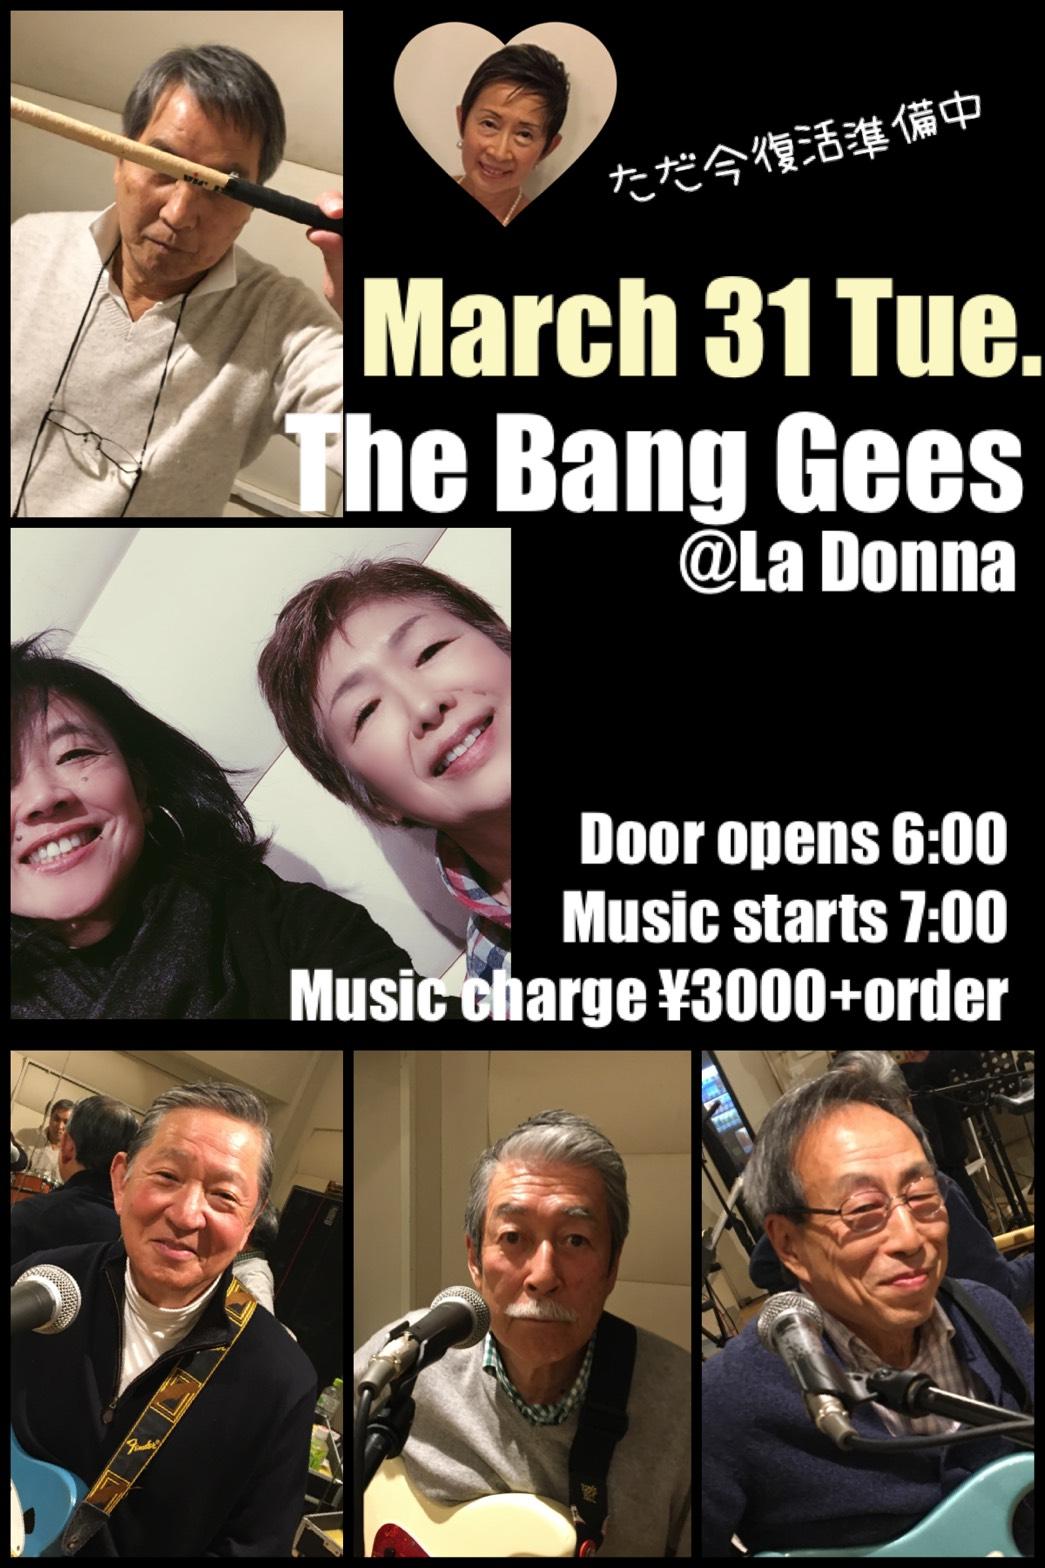 The Bang Gees Live @ La Donna【本公演は新型コロナウィルスの影響を受けまして延期となりました。】※電話受付は15:00~19:00迄となります。